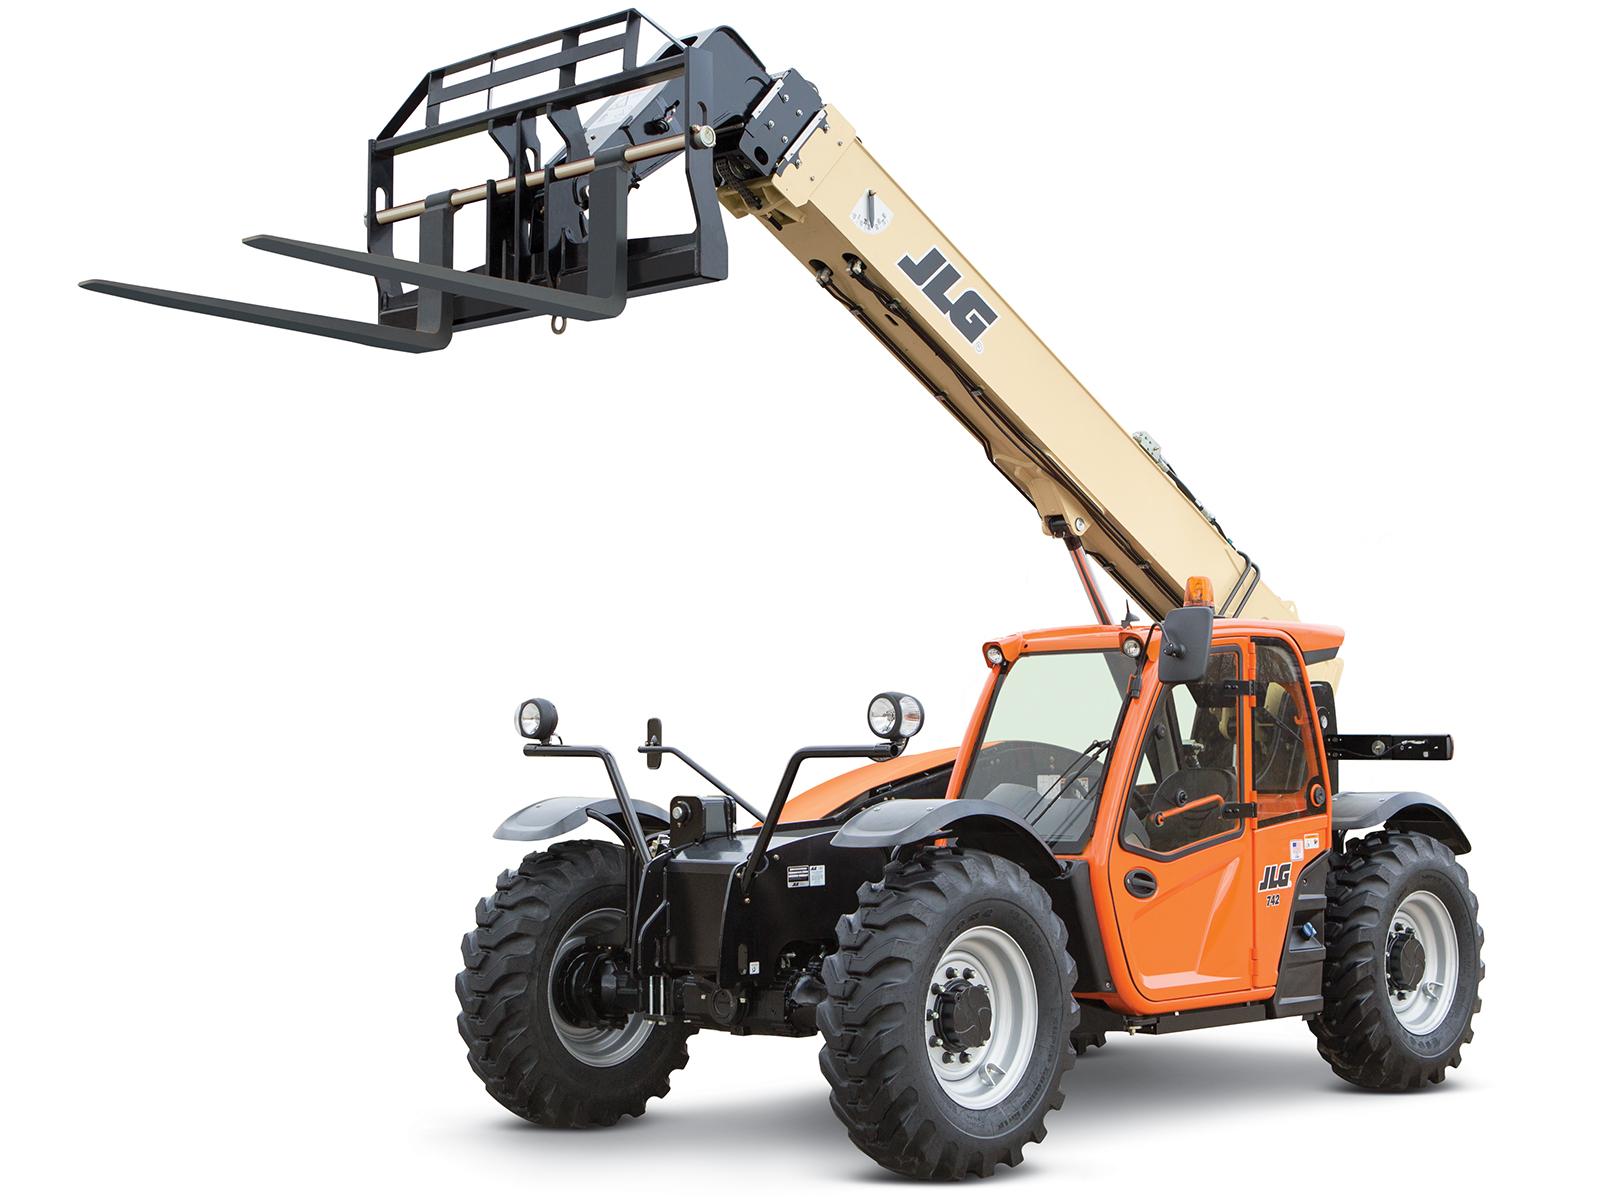 Forklift Telehandler 7,000 Lb | New York City, NY